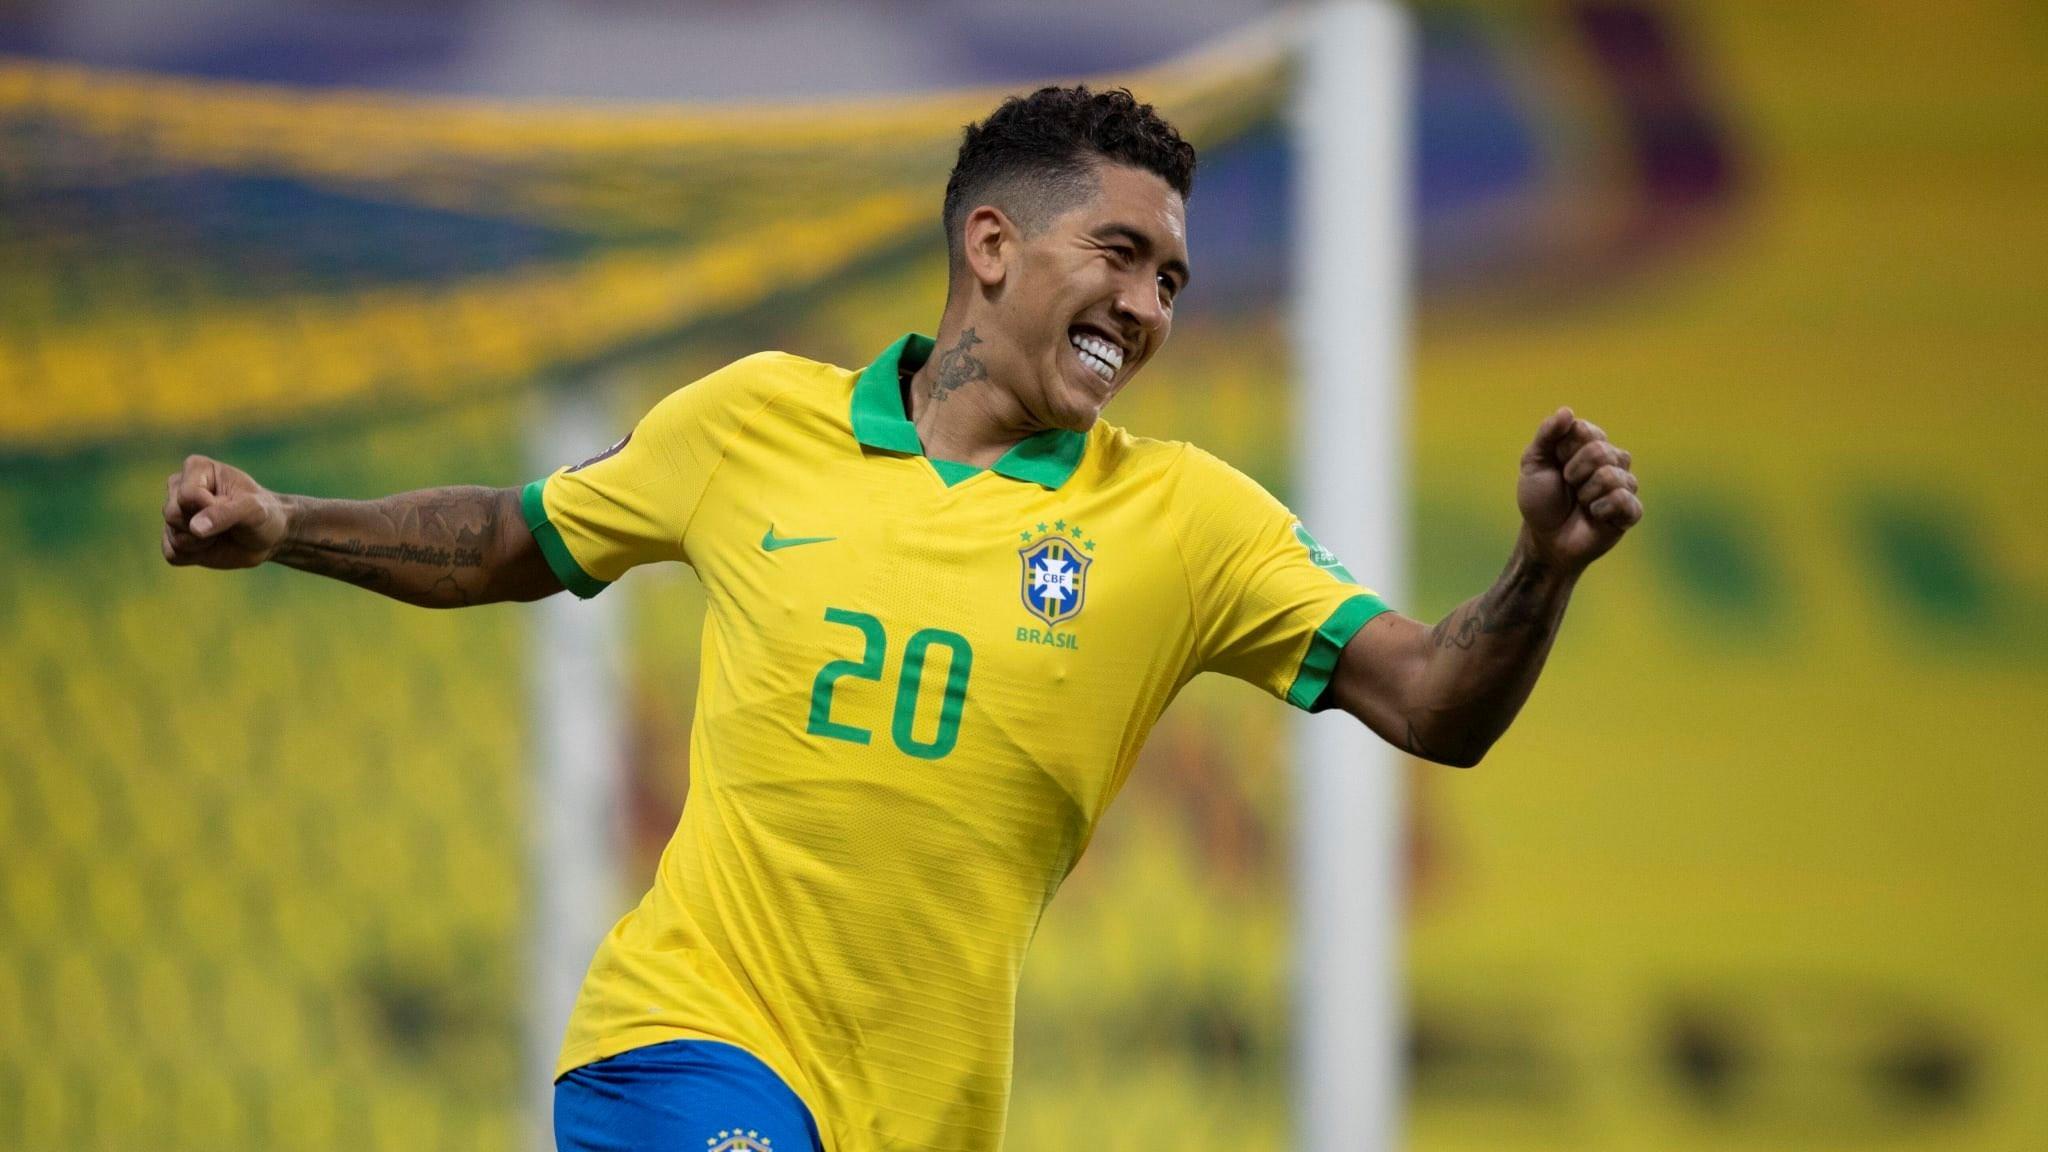 البرازيل تحافظ على الصدارة بفوزها على فنزويلا!